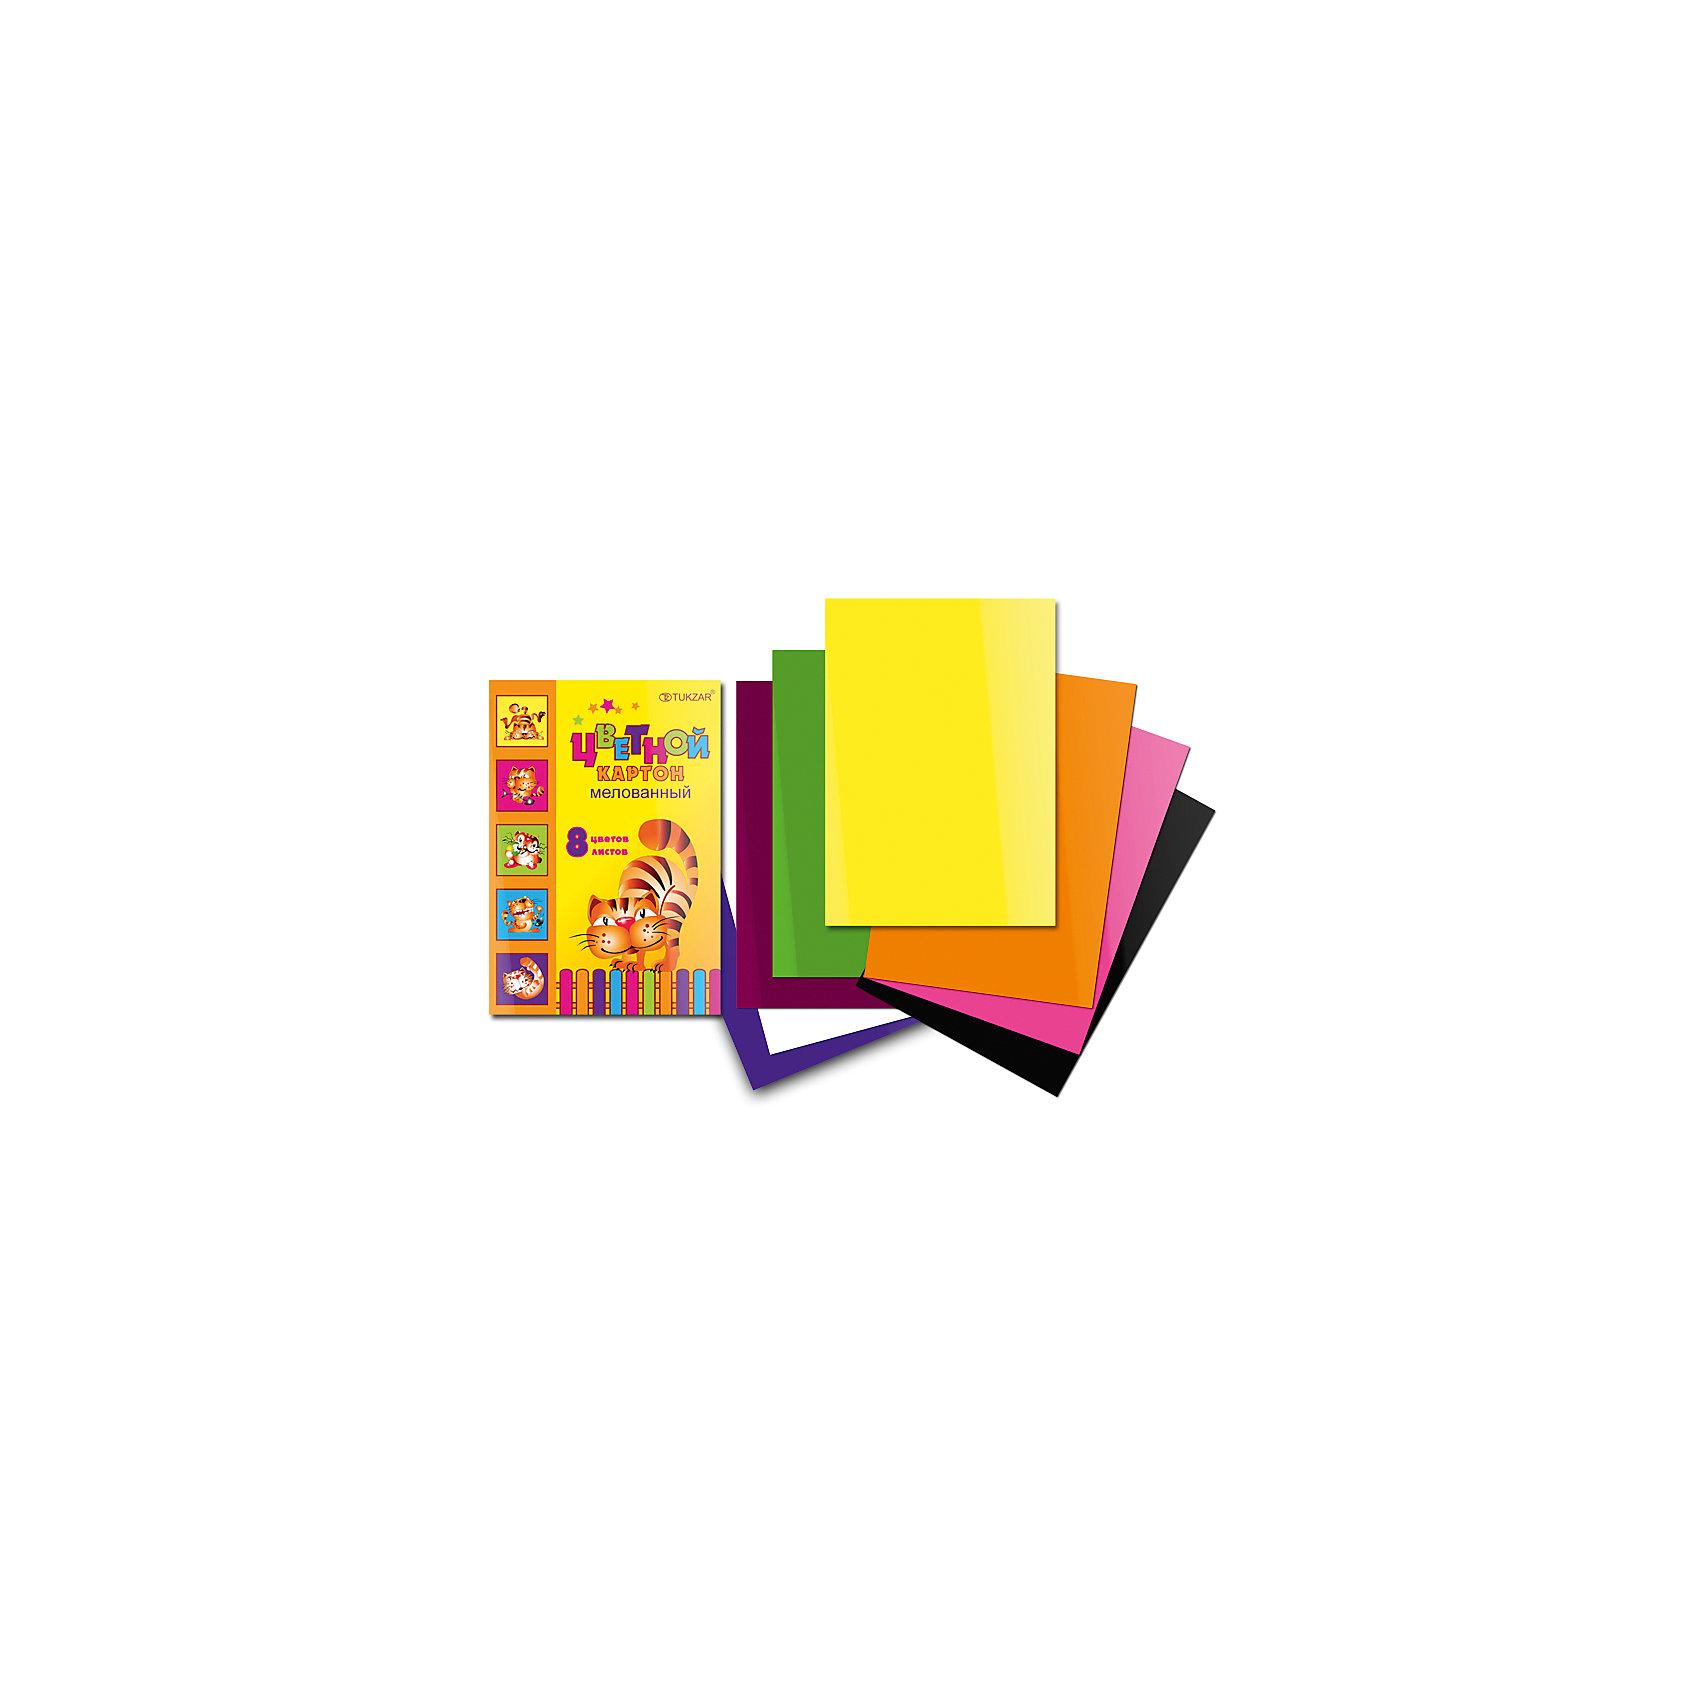 Цветной картон, 8 цветов, 8 листовБумажная продукция<br>Цветной мелованный картон – основа творчества на уроках труда в школе. Цветной картон используют для декорирования, моделирования и аппликации. Картон быстро заканчивается, поэтому можно выбрать понравившуюся модель и докупать при необходимости только ее, а не тратить время на поиски новой. Цветная картон от компании Tukzar  понравится всем детям и их мамам. У бумаги удобная плотность для складывания и разрезания, а так же яркие и насыщенные цвета. Все материалы, использованные при изготовлении, отвечают международным требованиям по качеству и безопасности.<br><br>Дополнительная информация: <br><br>количество цветов: 8 шт;<br>количество листов: 8;<br>формат: А4.<br><br>Цветной мелованный картон можно приобрести в нашем магазине.<br><br>Ширина мм: 100<br>Глубина мм: 100<br>Высота мм: 10<br>Вес г: 50<br>Возраст от месяцев: 36<br>Возраст до месяцев: 120<br>Пол: Унисекс<br>Возраст: Детский<br>SKU: 4993575